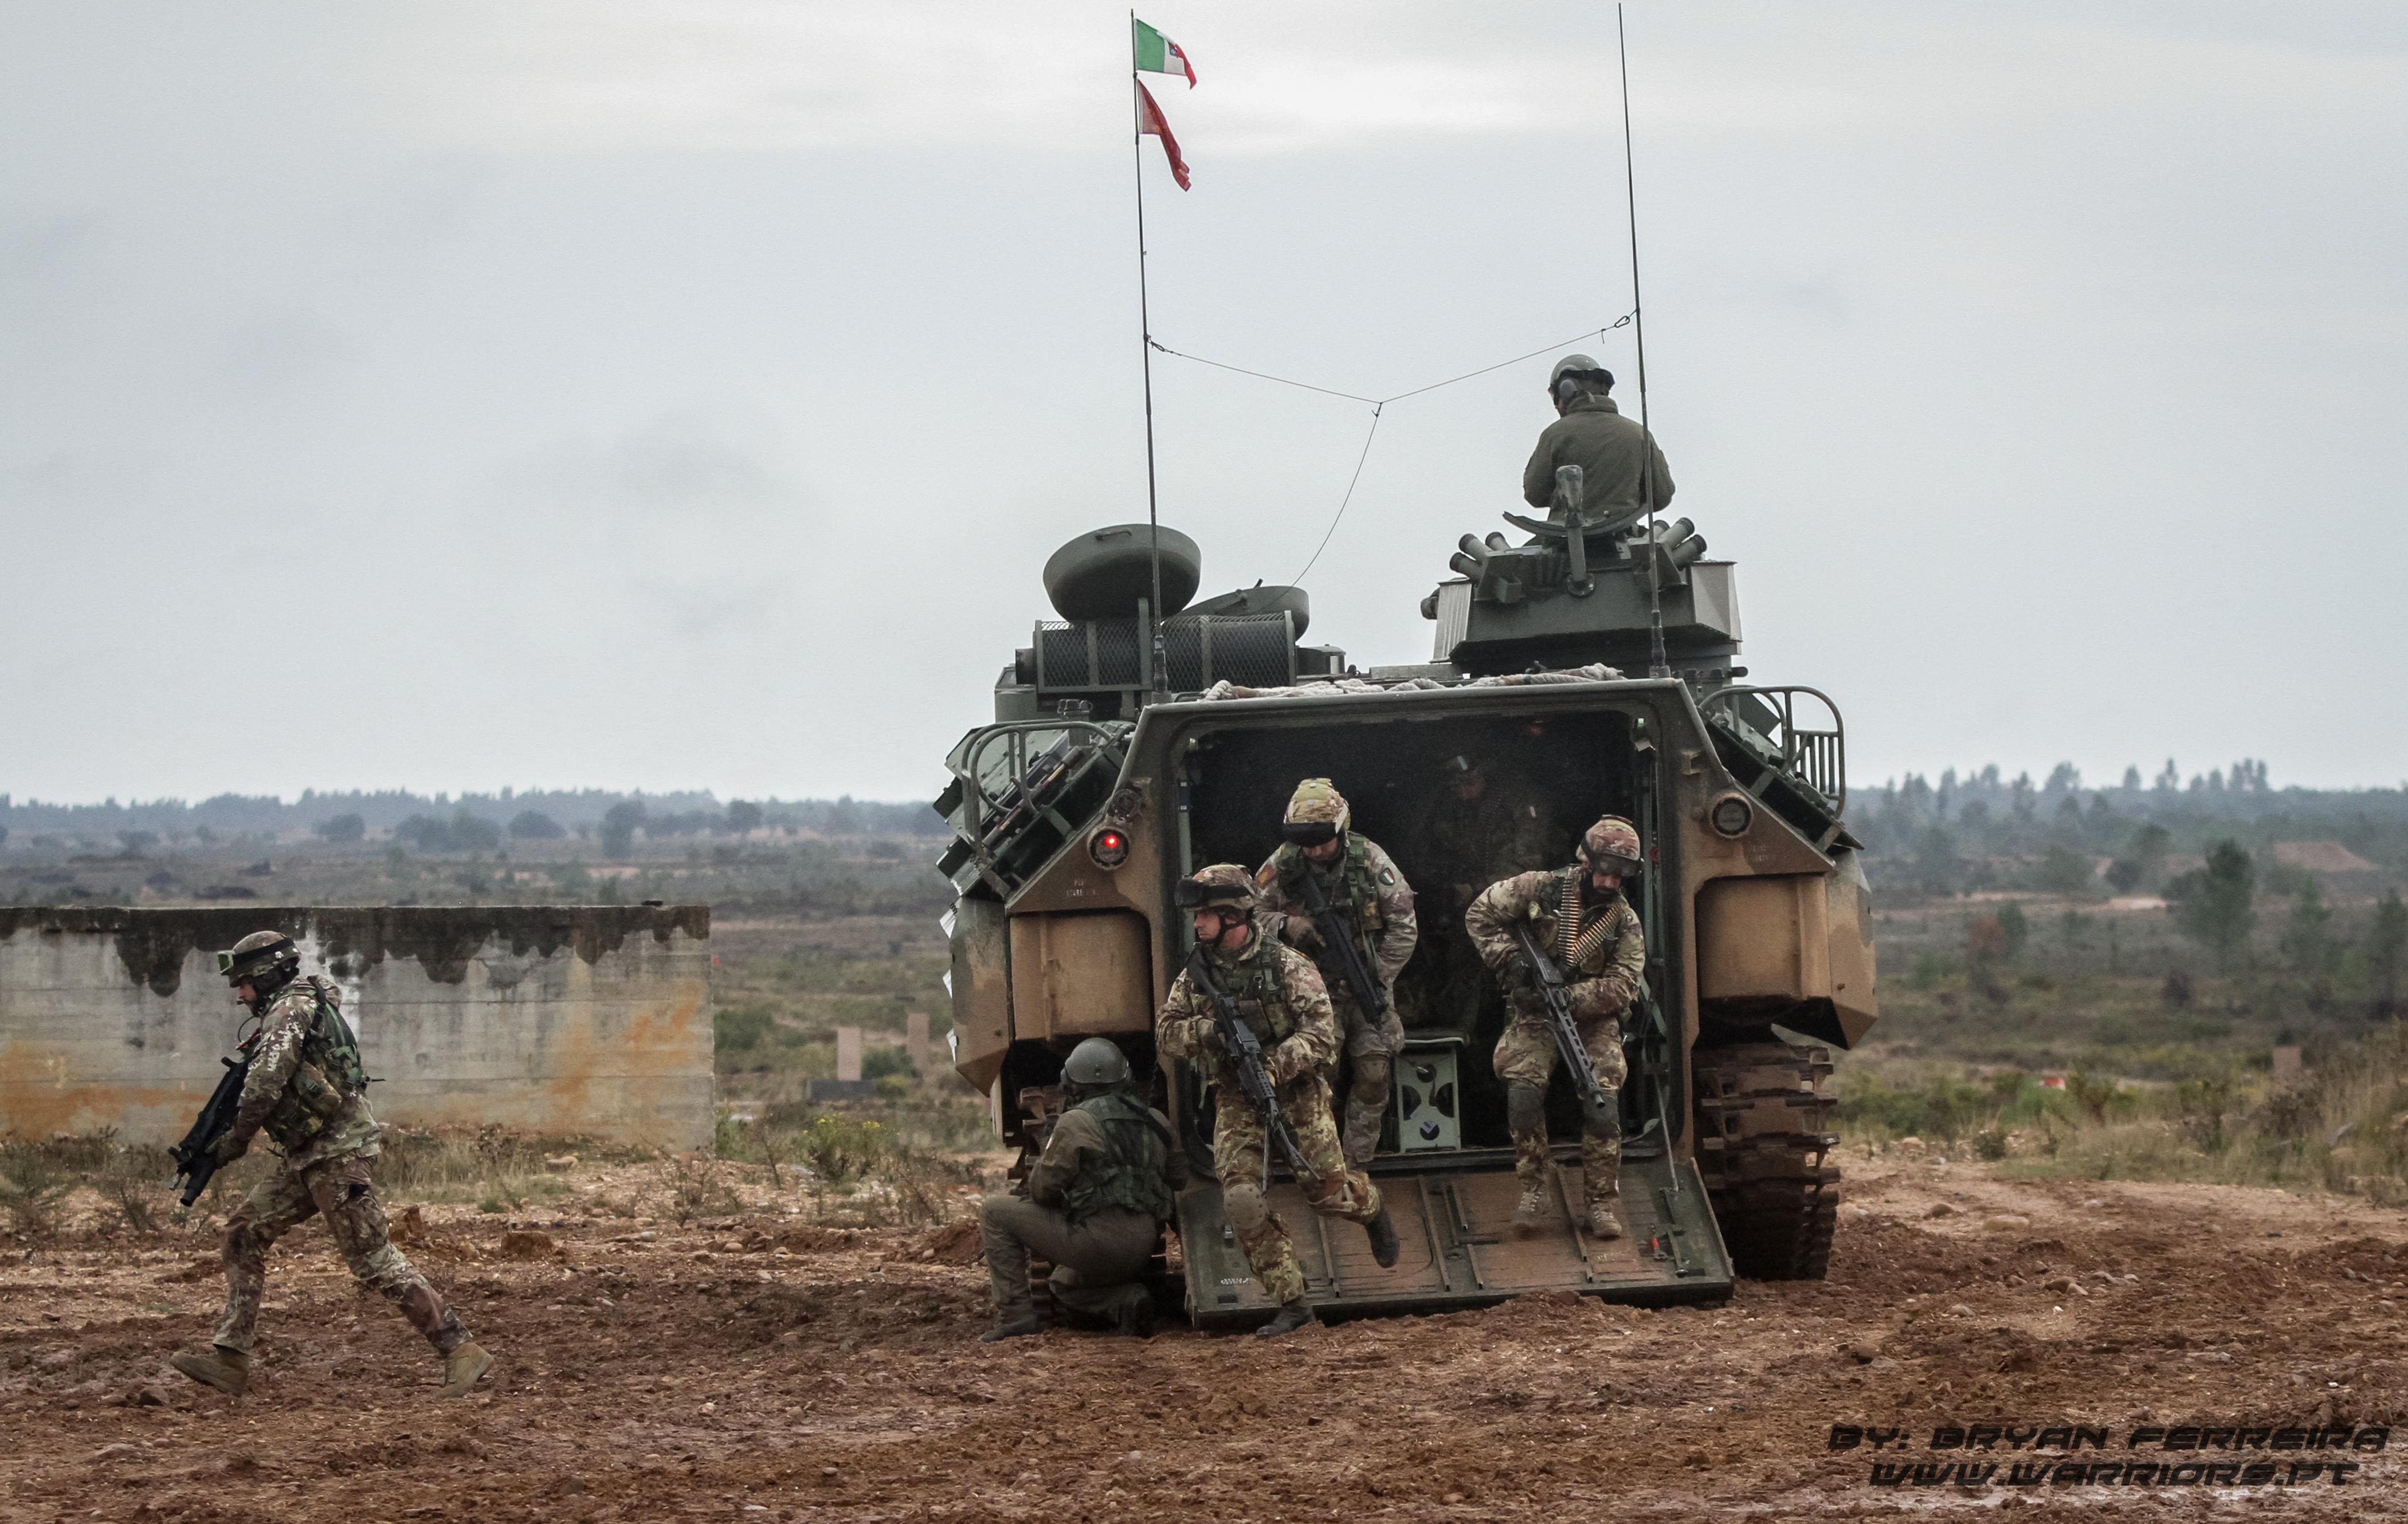 Soldados Italianos do Reggimento Lagunari desembarcam de um dos seus Blindados anfíbios, AAV7. Estão equipados de espingardas de assalto ARX160, Lança Granadas GLX 160, e metralhadoras Minimi e Mg3